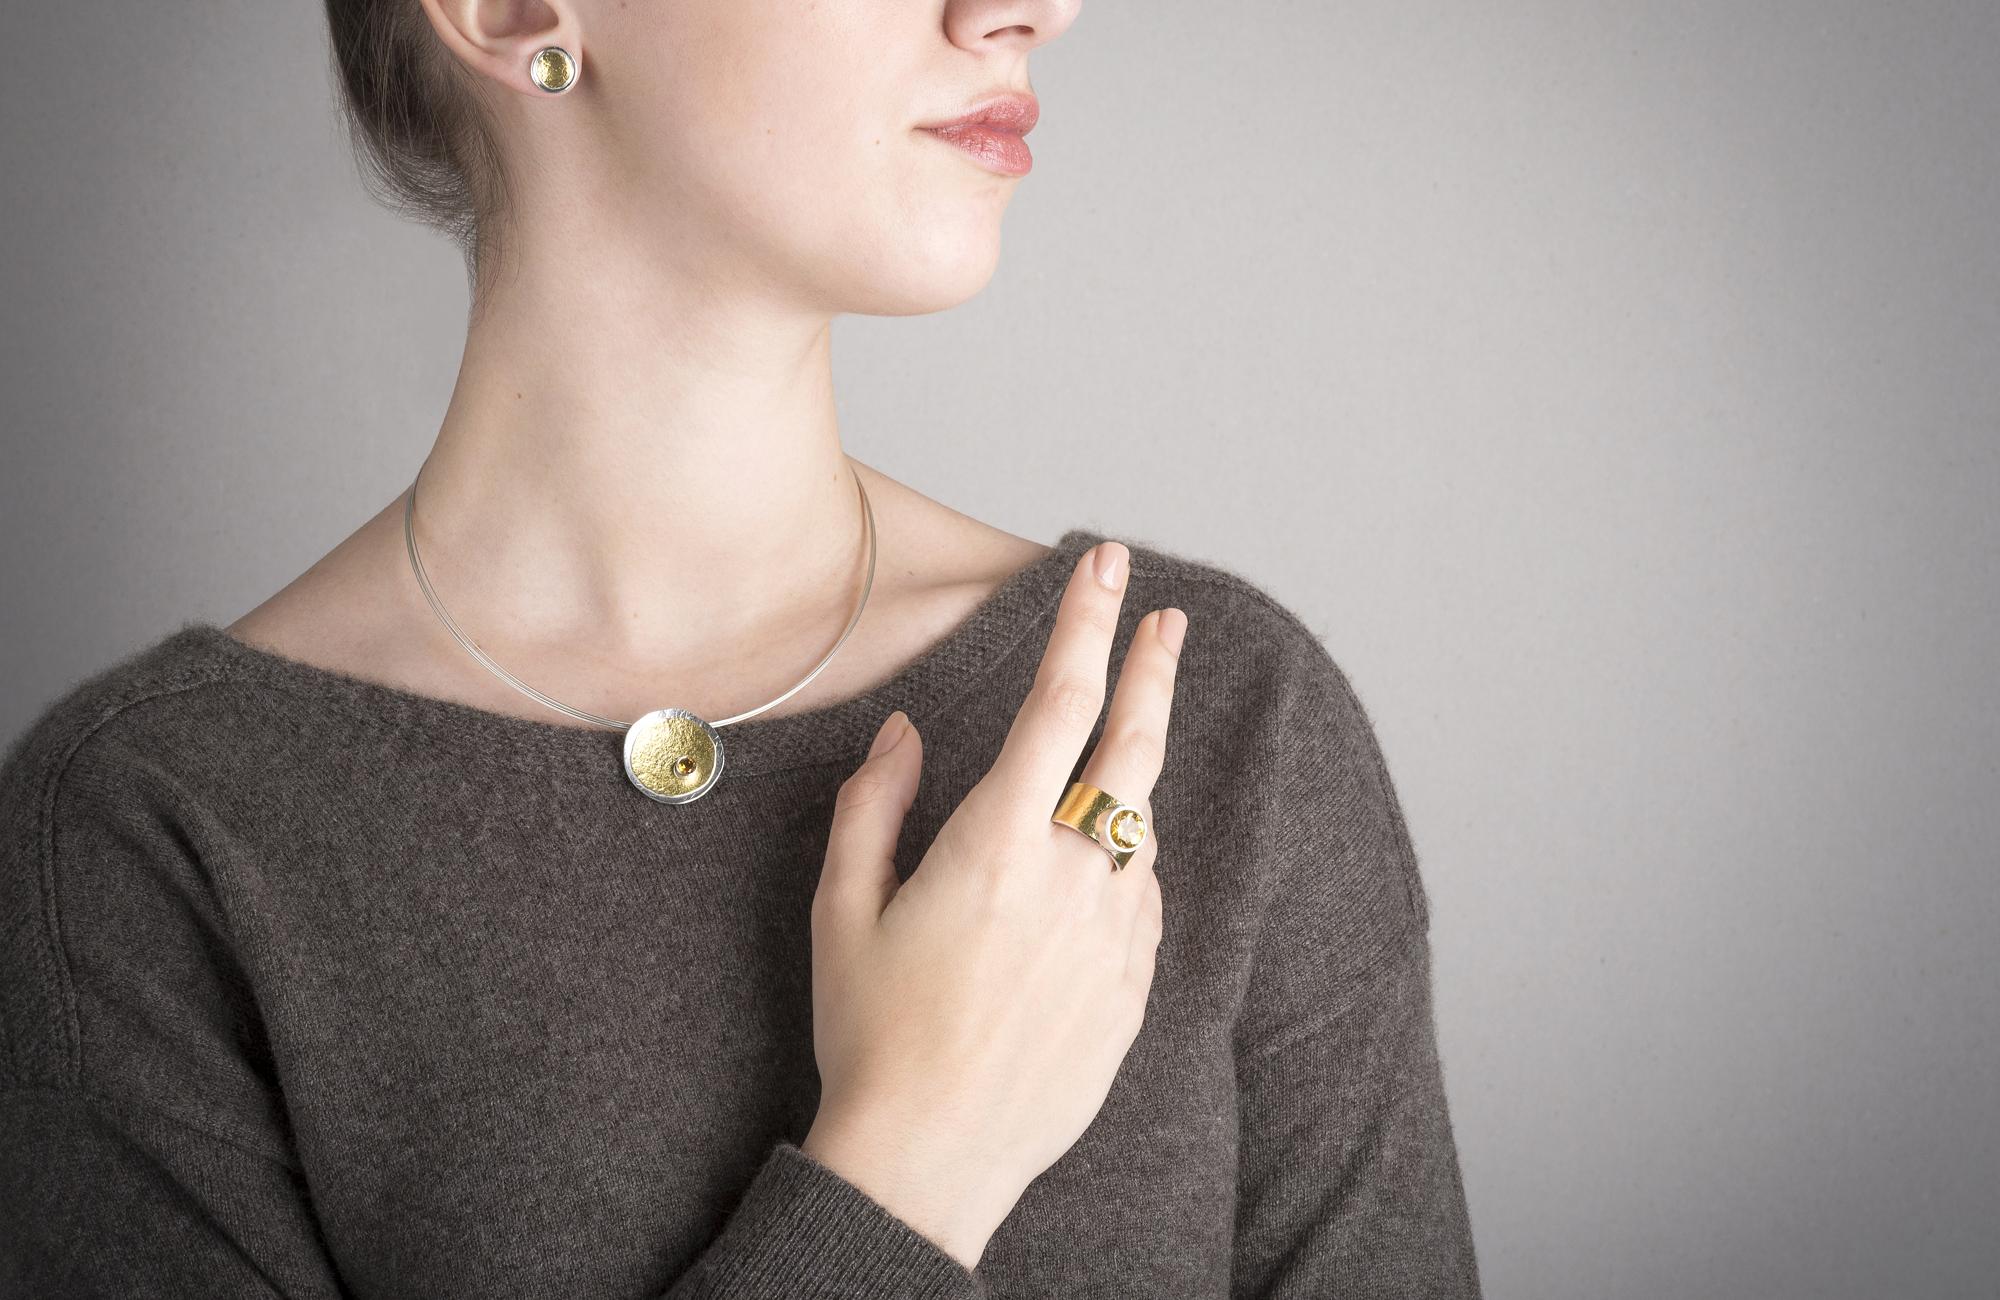 Collection MOUNTAIN - collier, bague et puces en argent éthique et or 22 carats, avec citrine